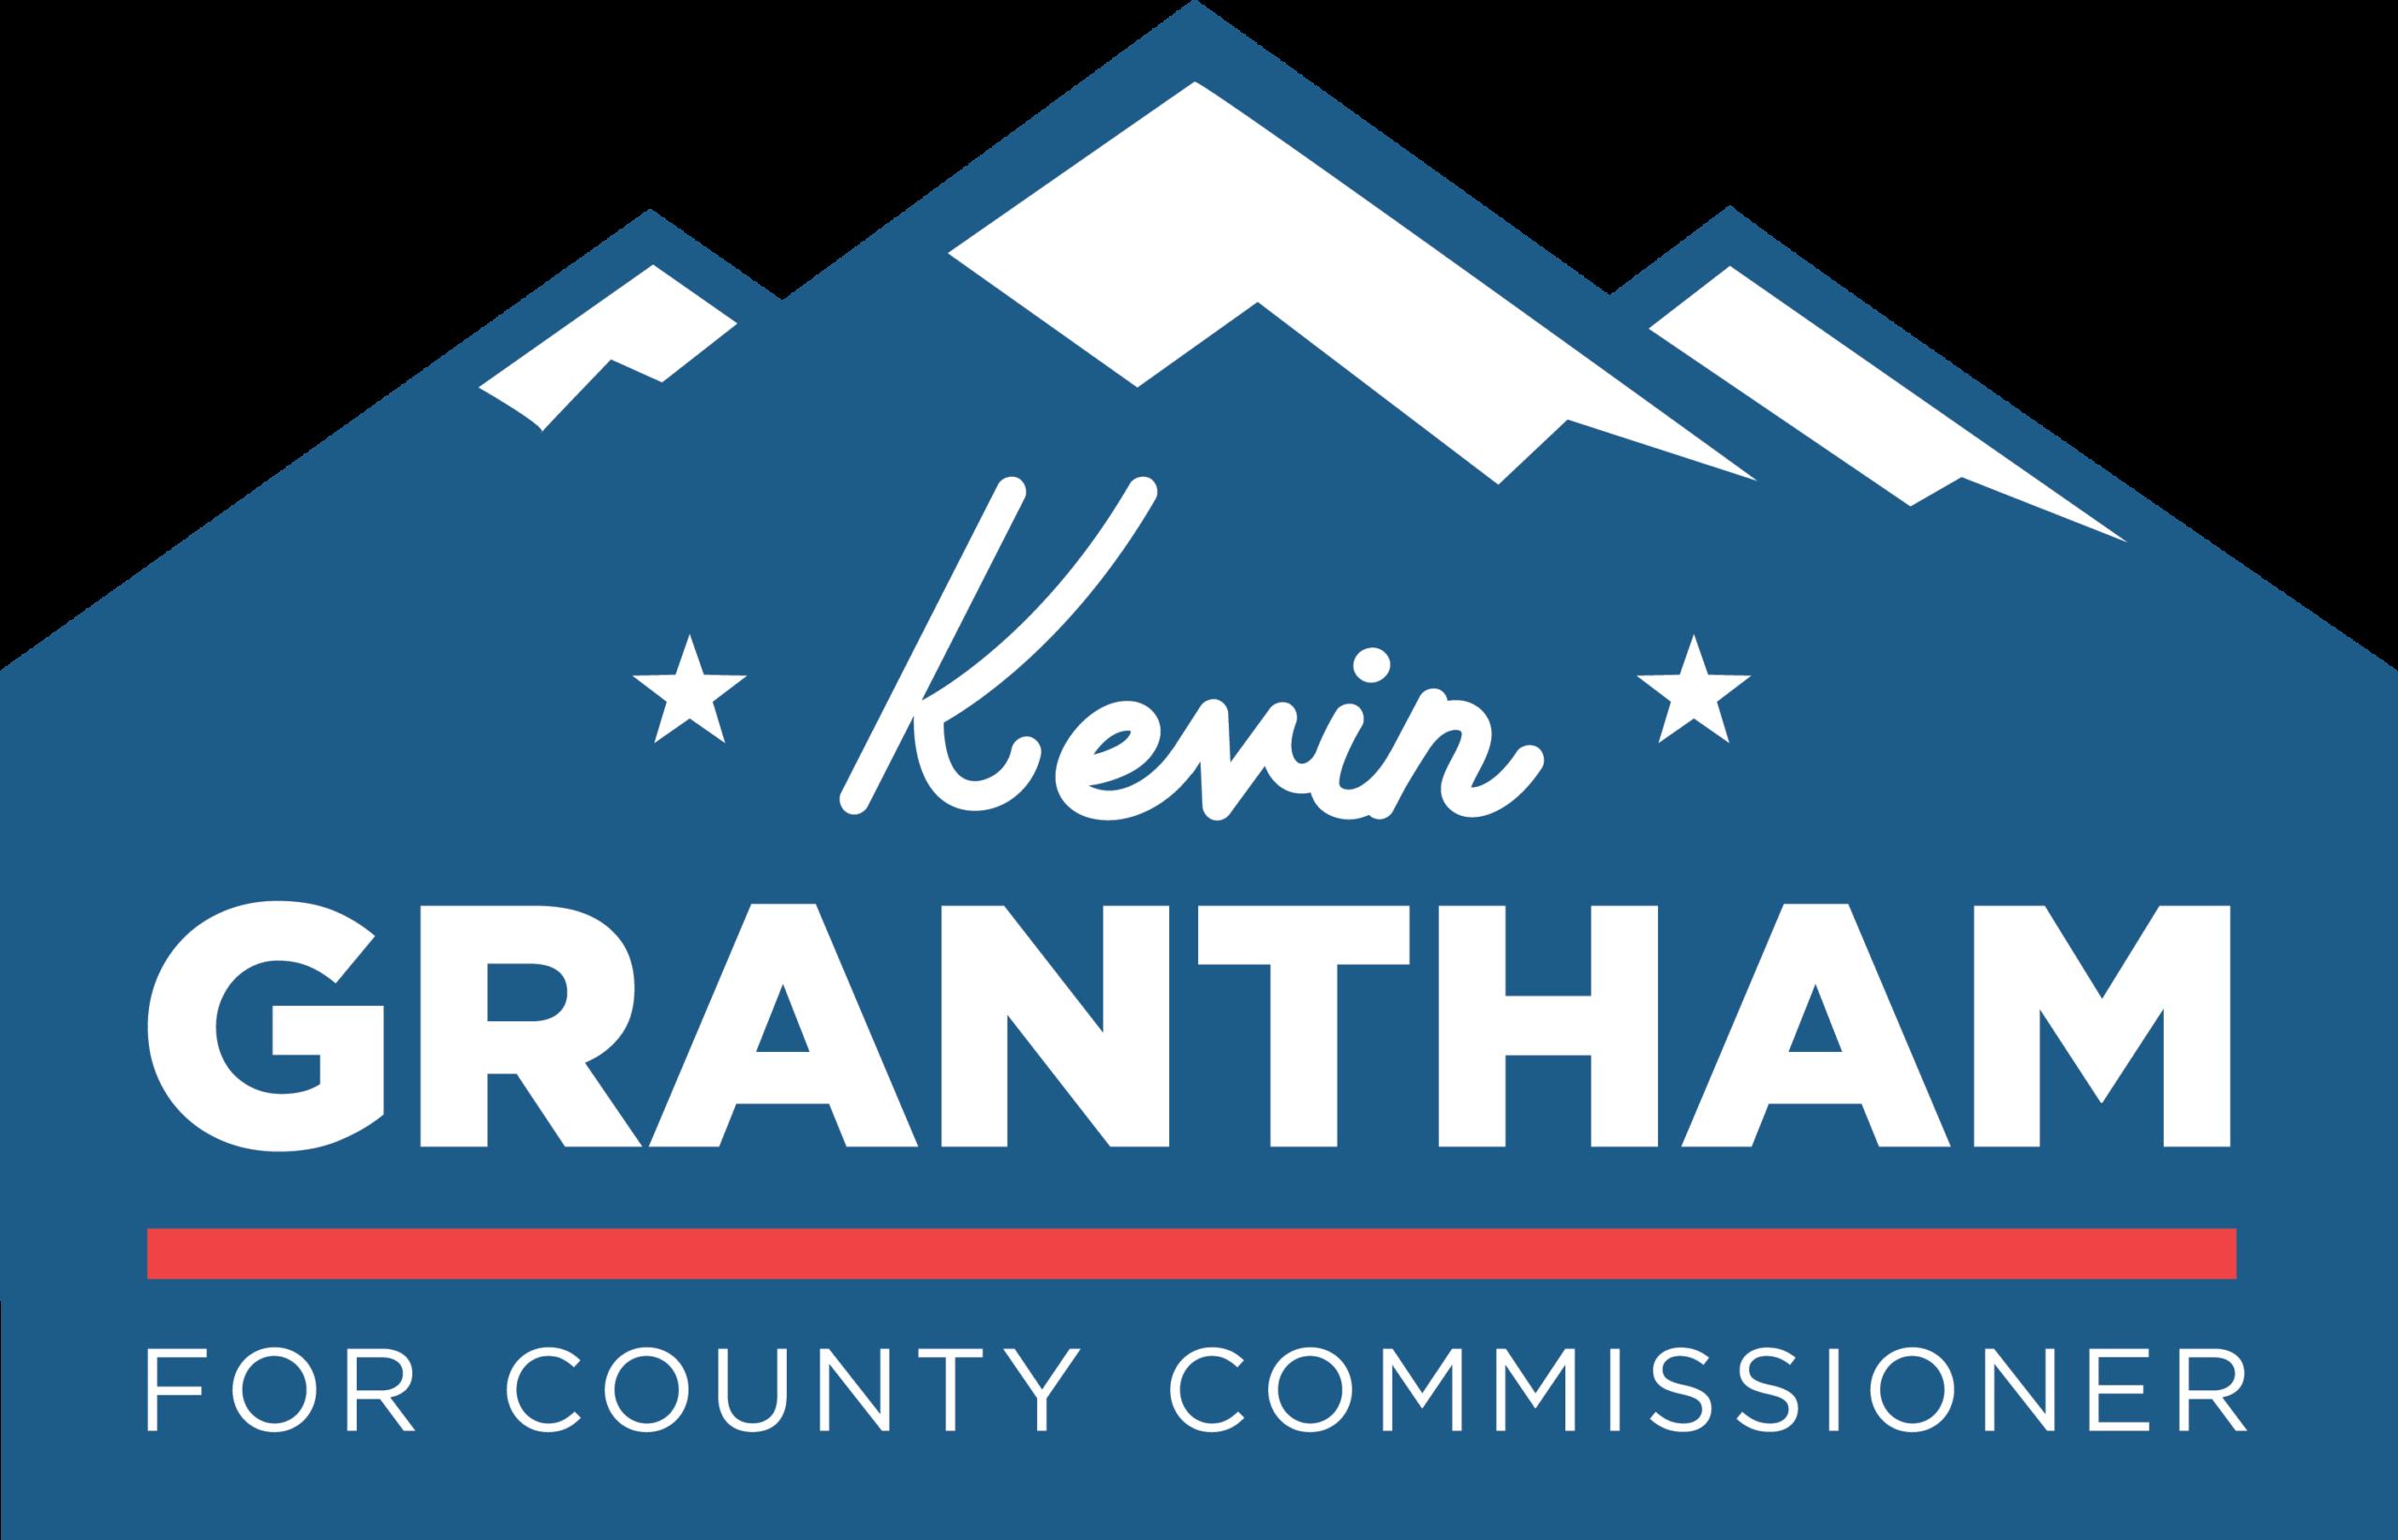 Kevin Grantham for Fremont County Commissioner